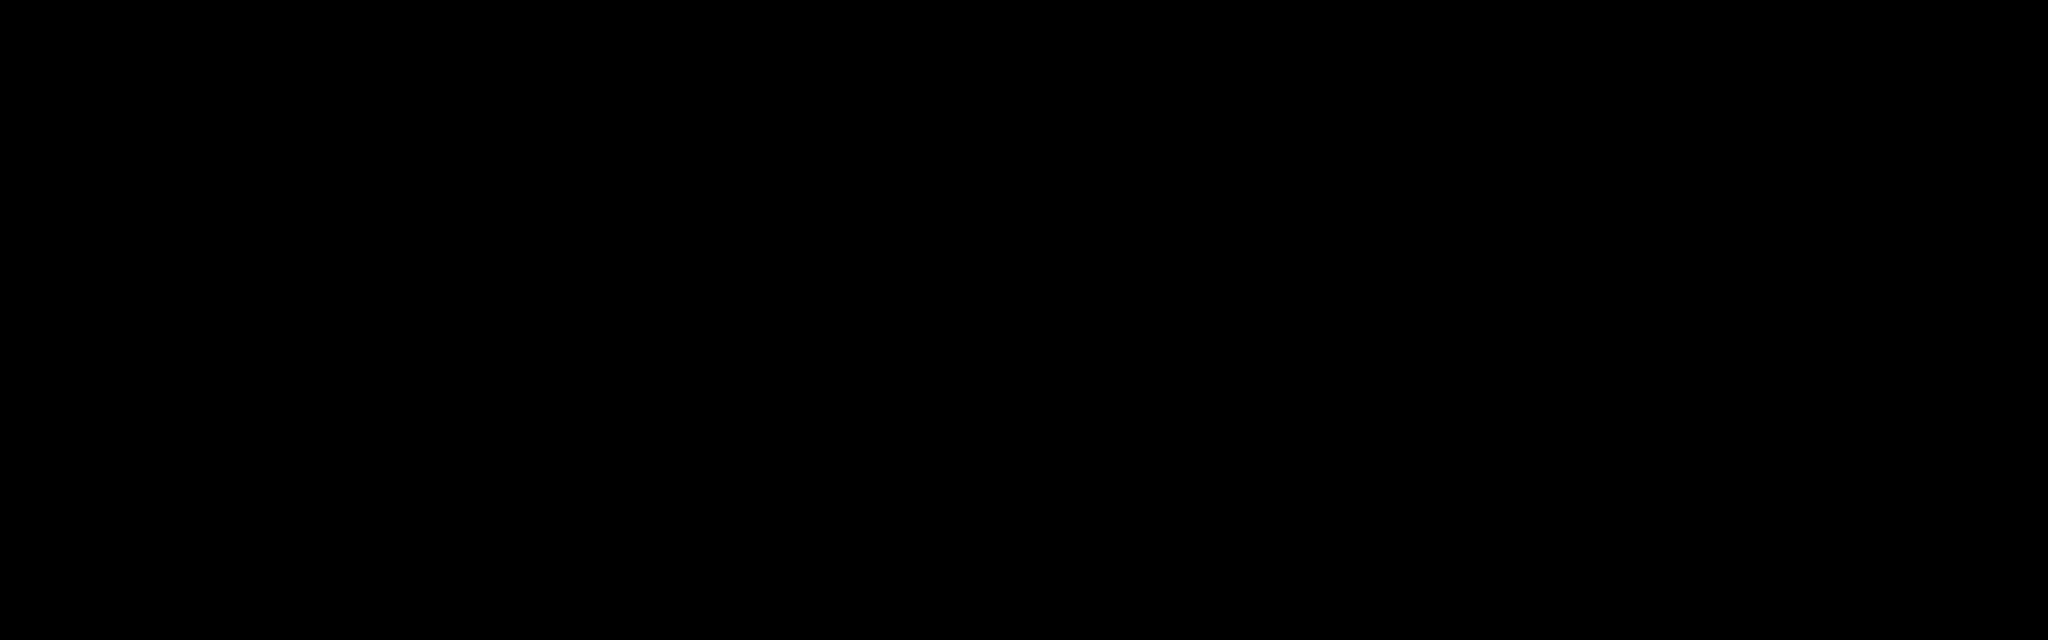 Ginapelli logo Nero